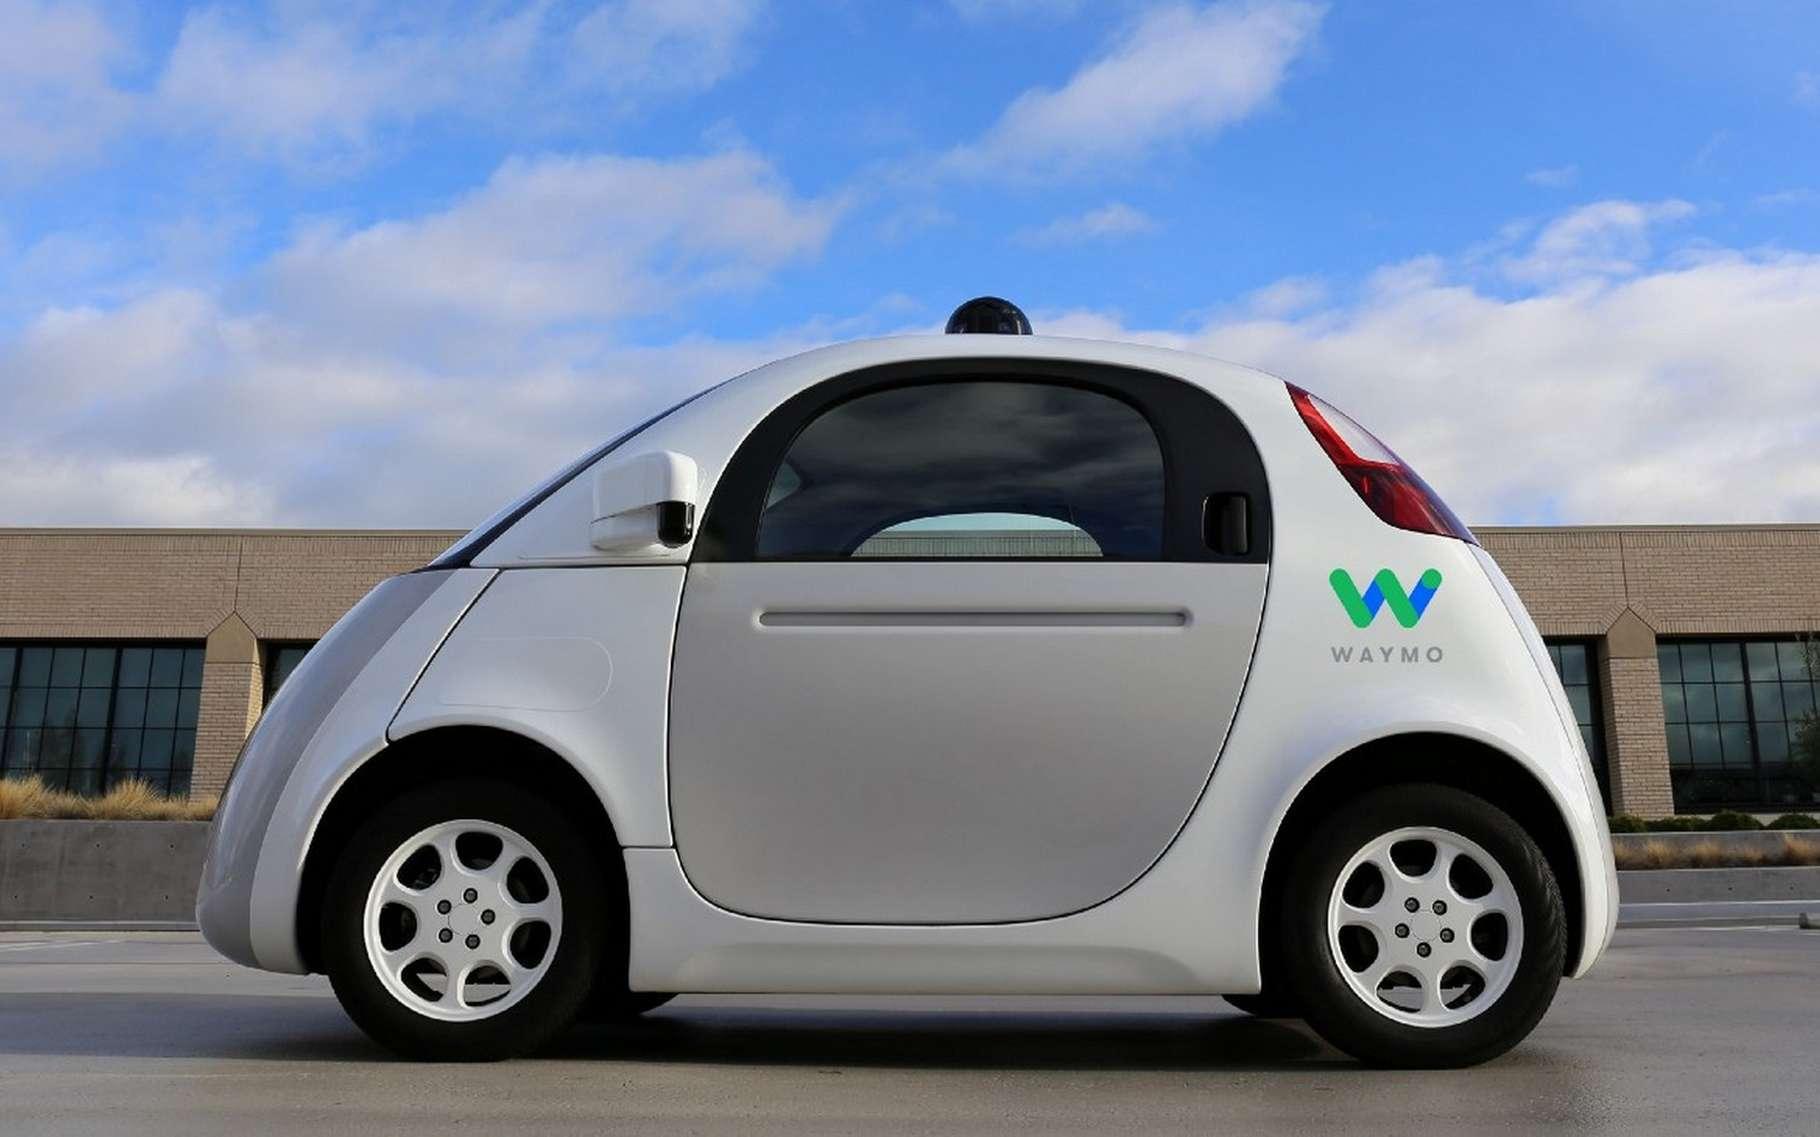 La voiture autonome développée par Google est testée depuis l'année dernière sur des portions de routes ouvertes. Elle ne possède ni volant ni pédales. © Google